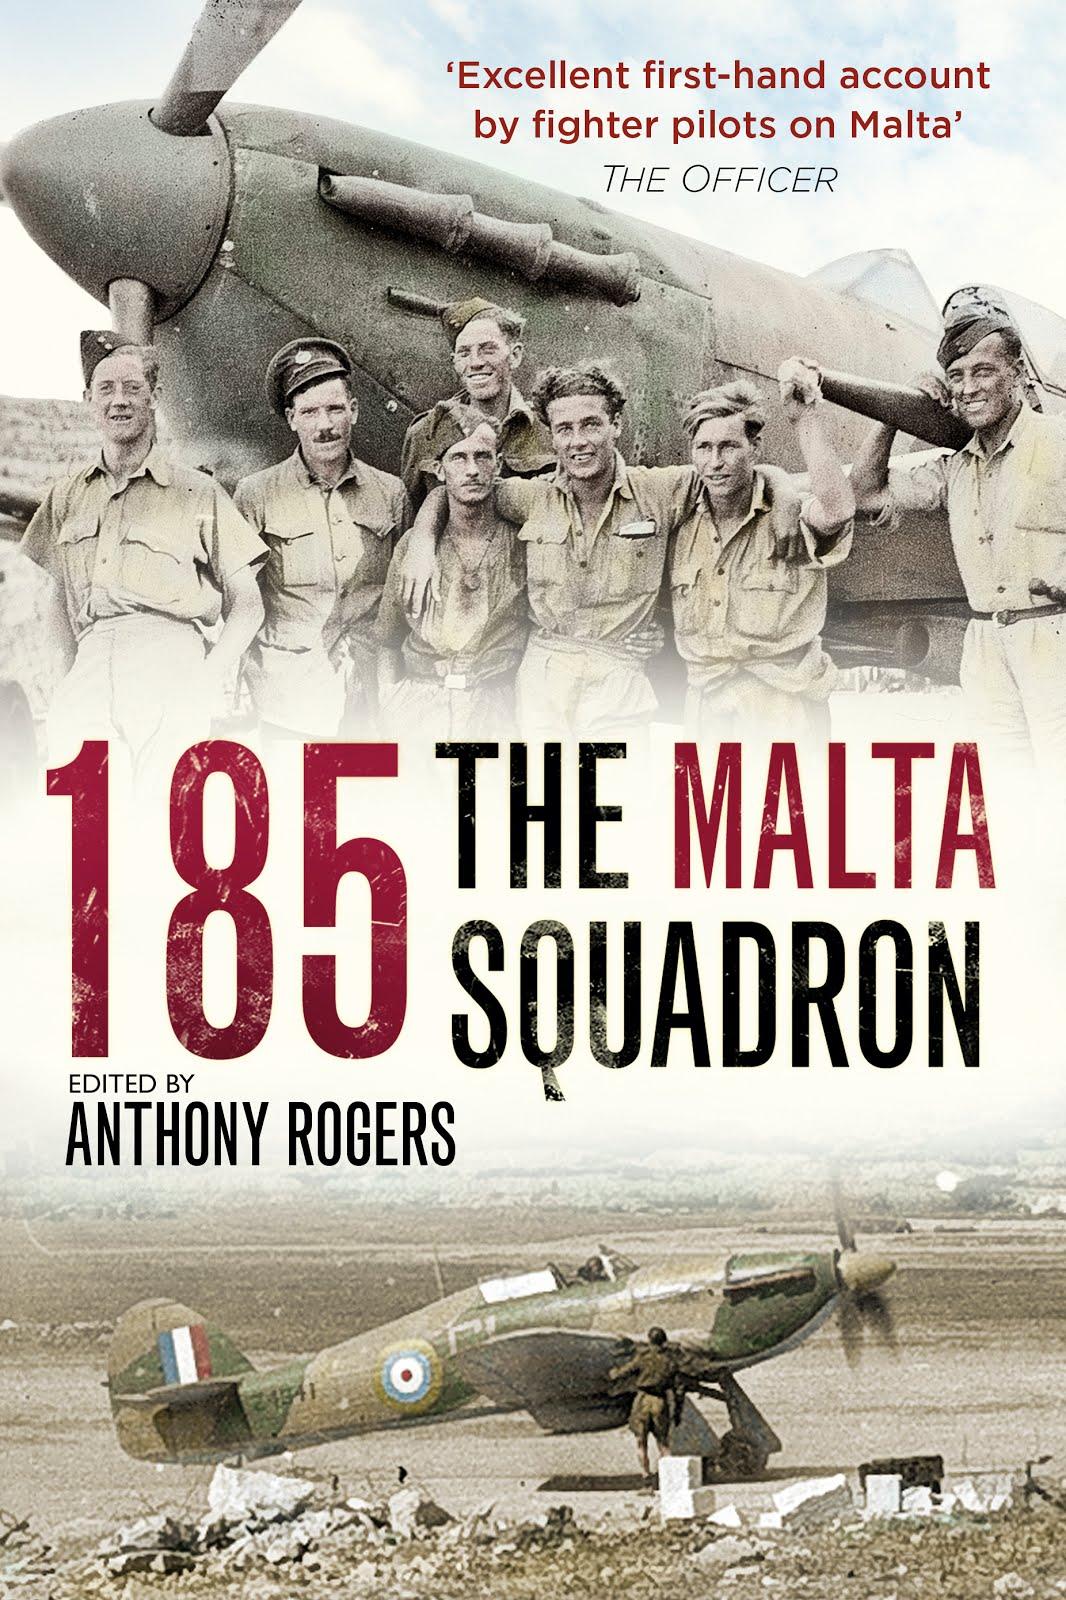 185: The Malta Squadron